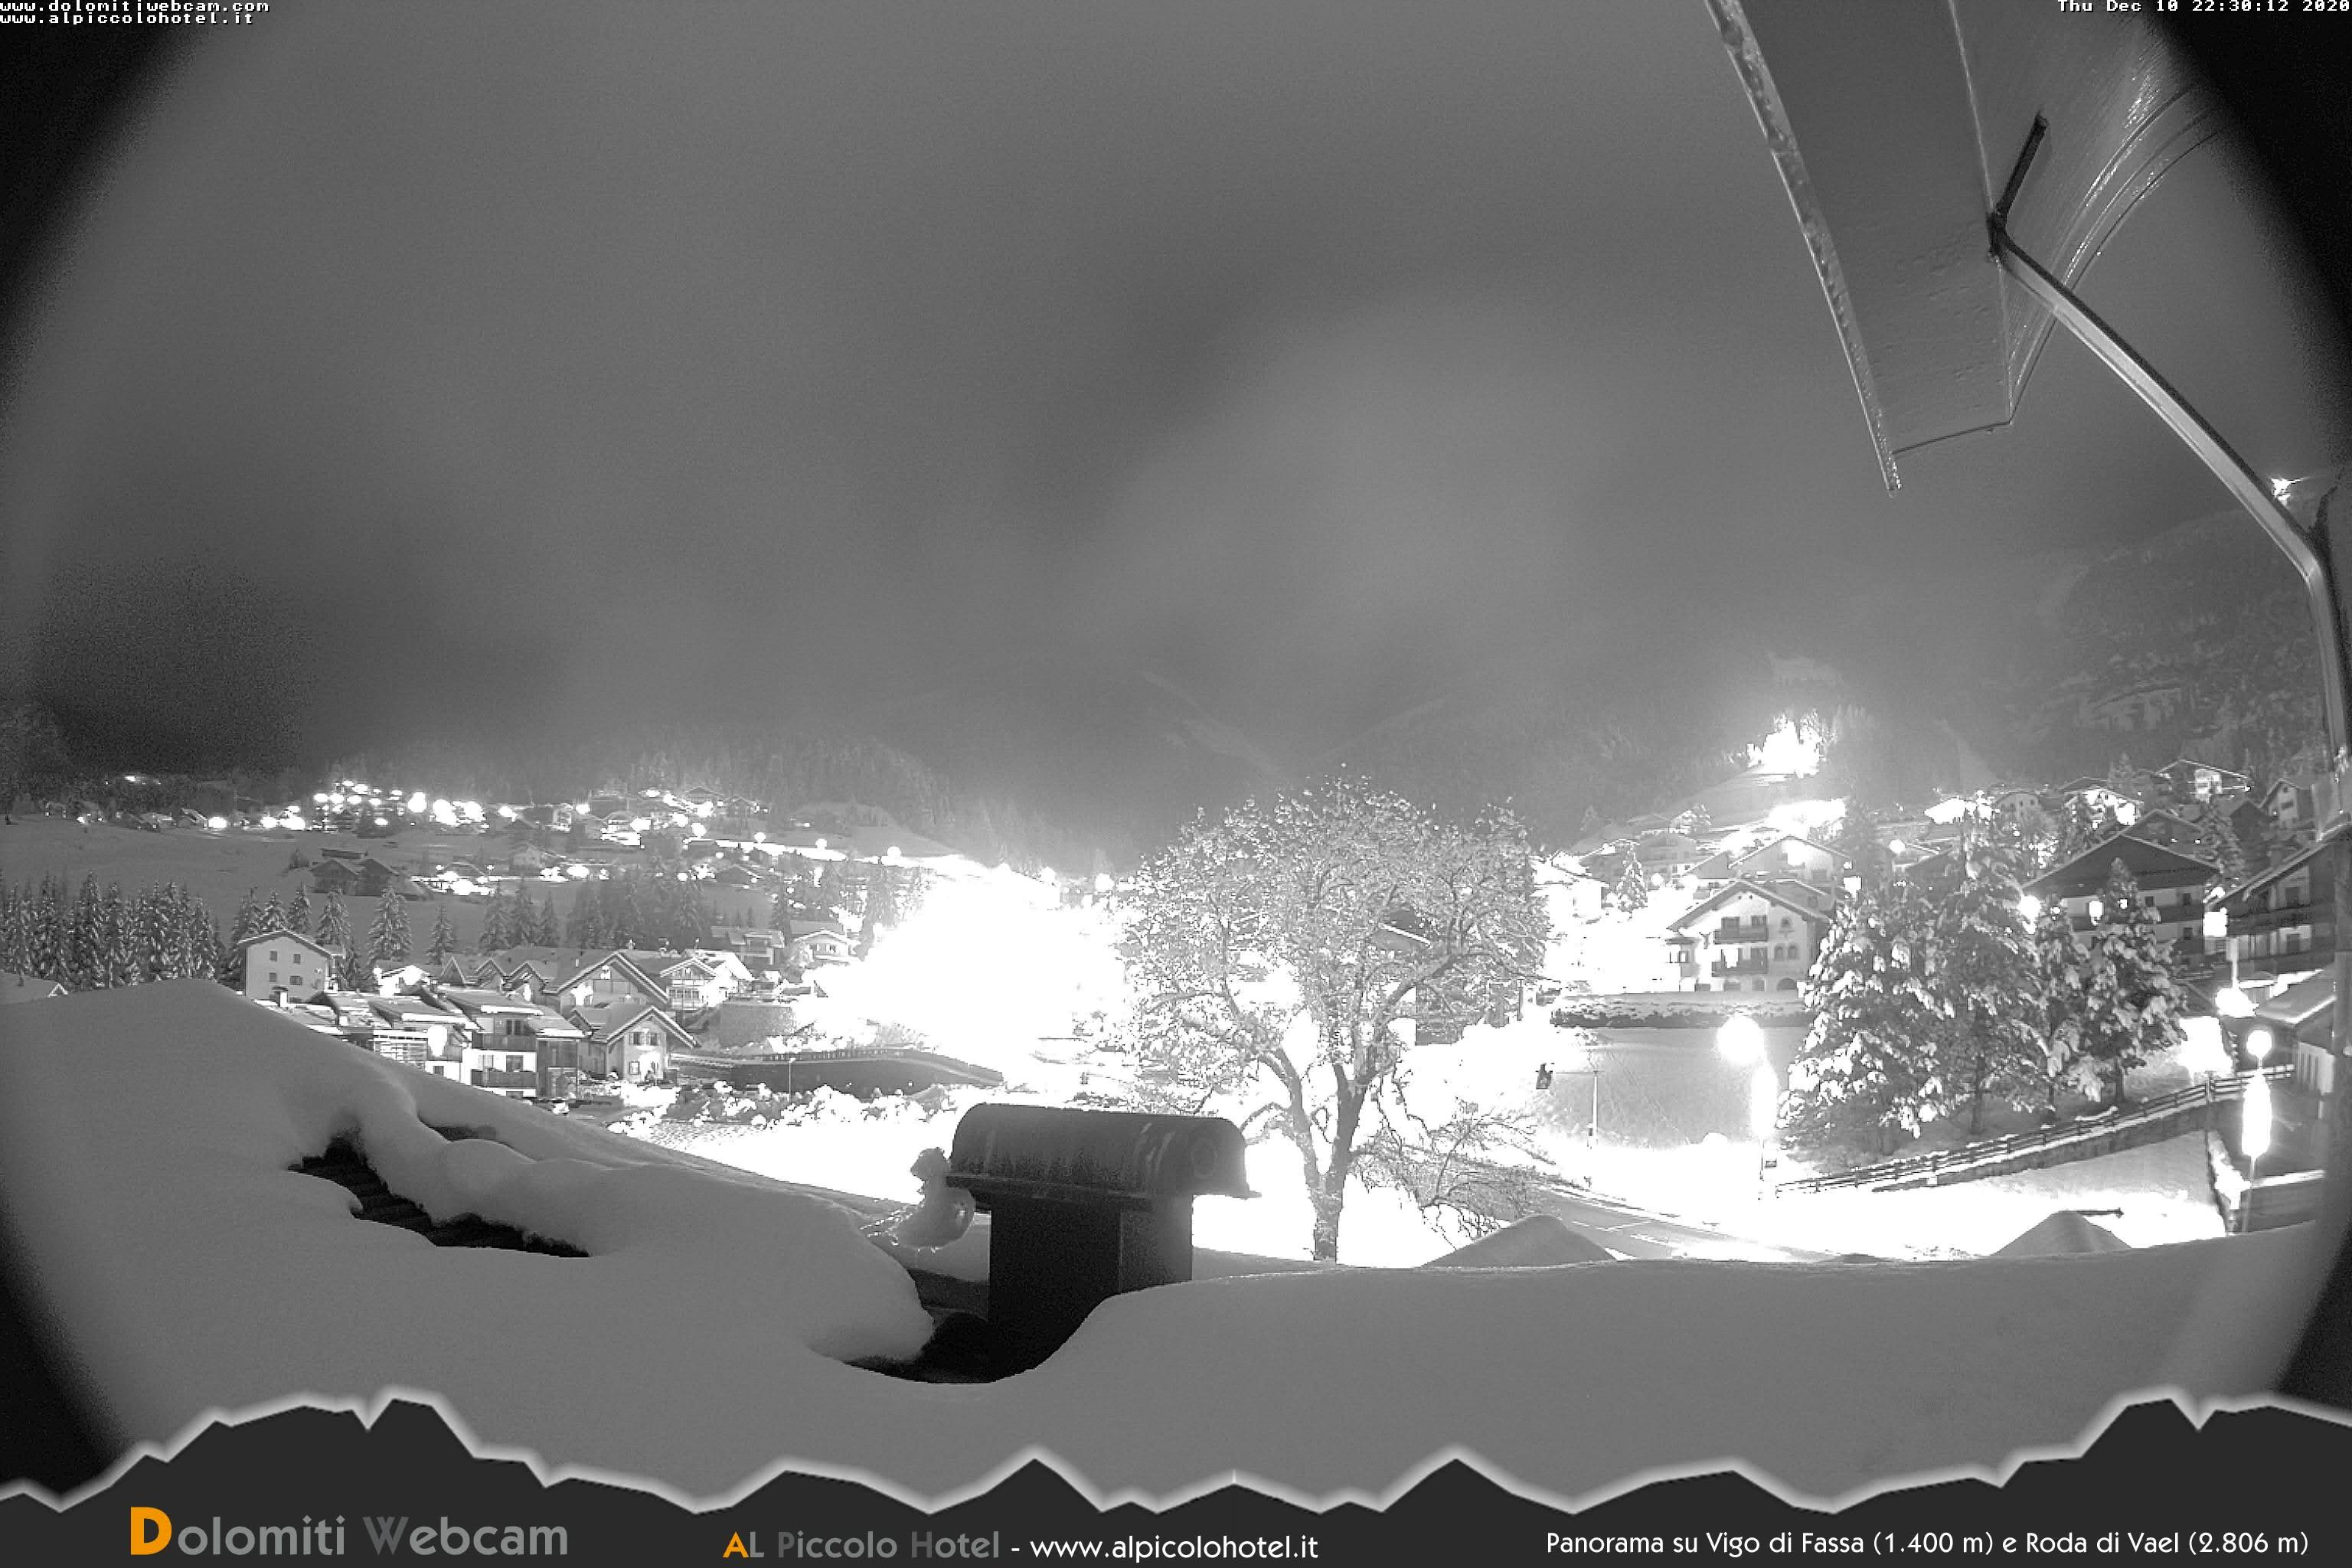 webcam roda del vael